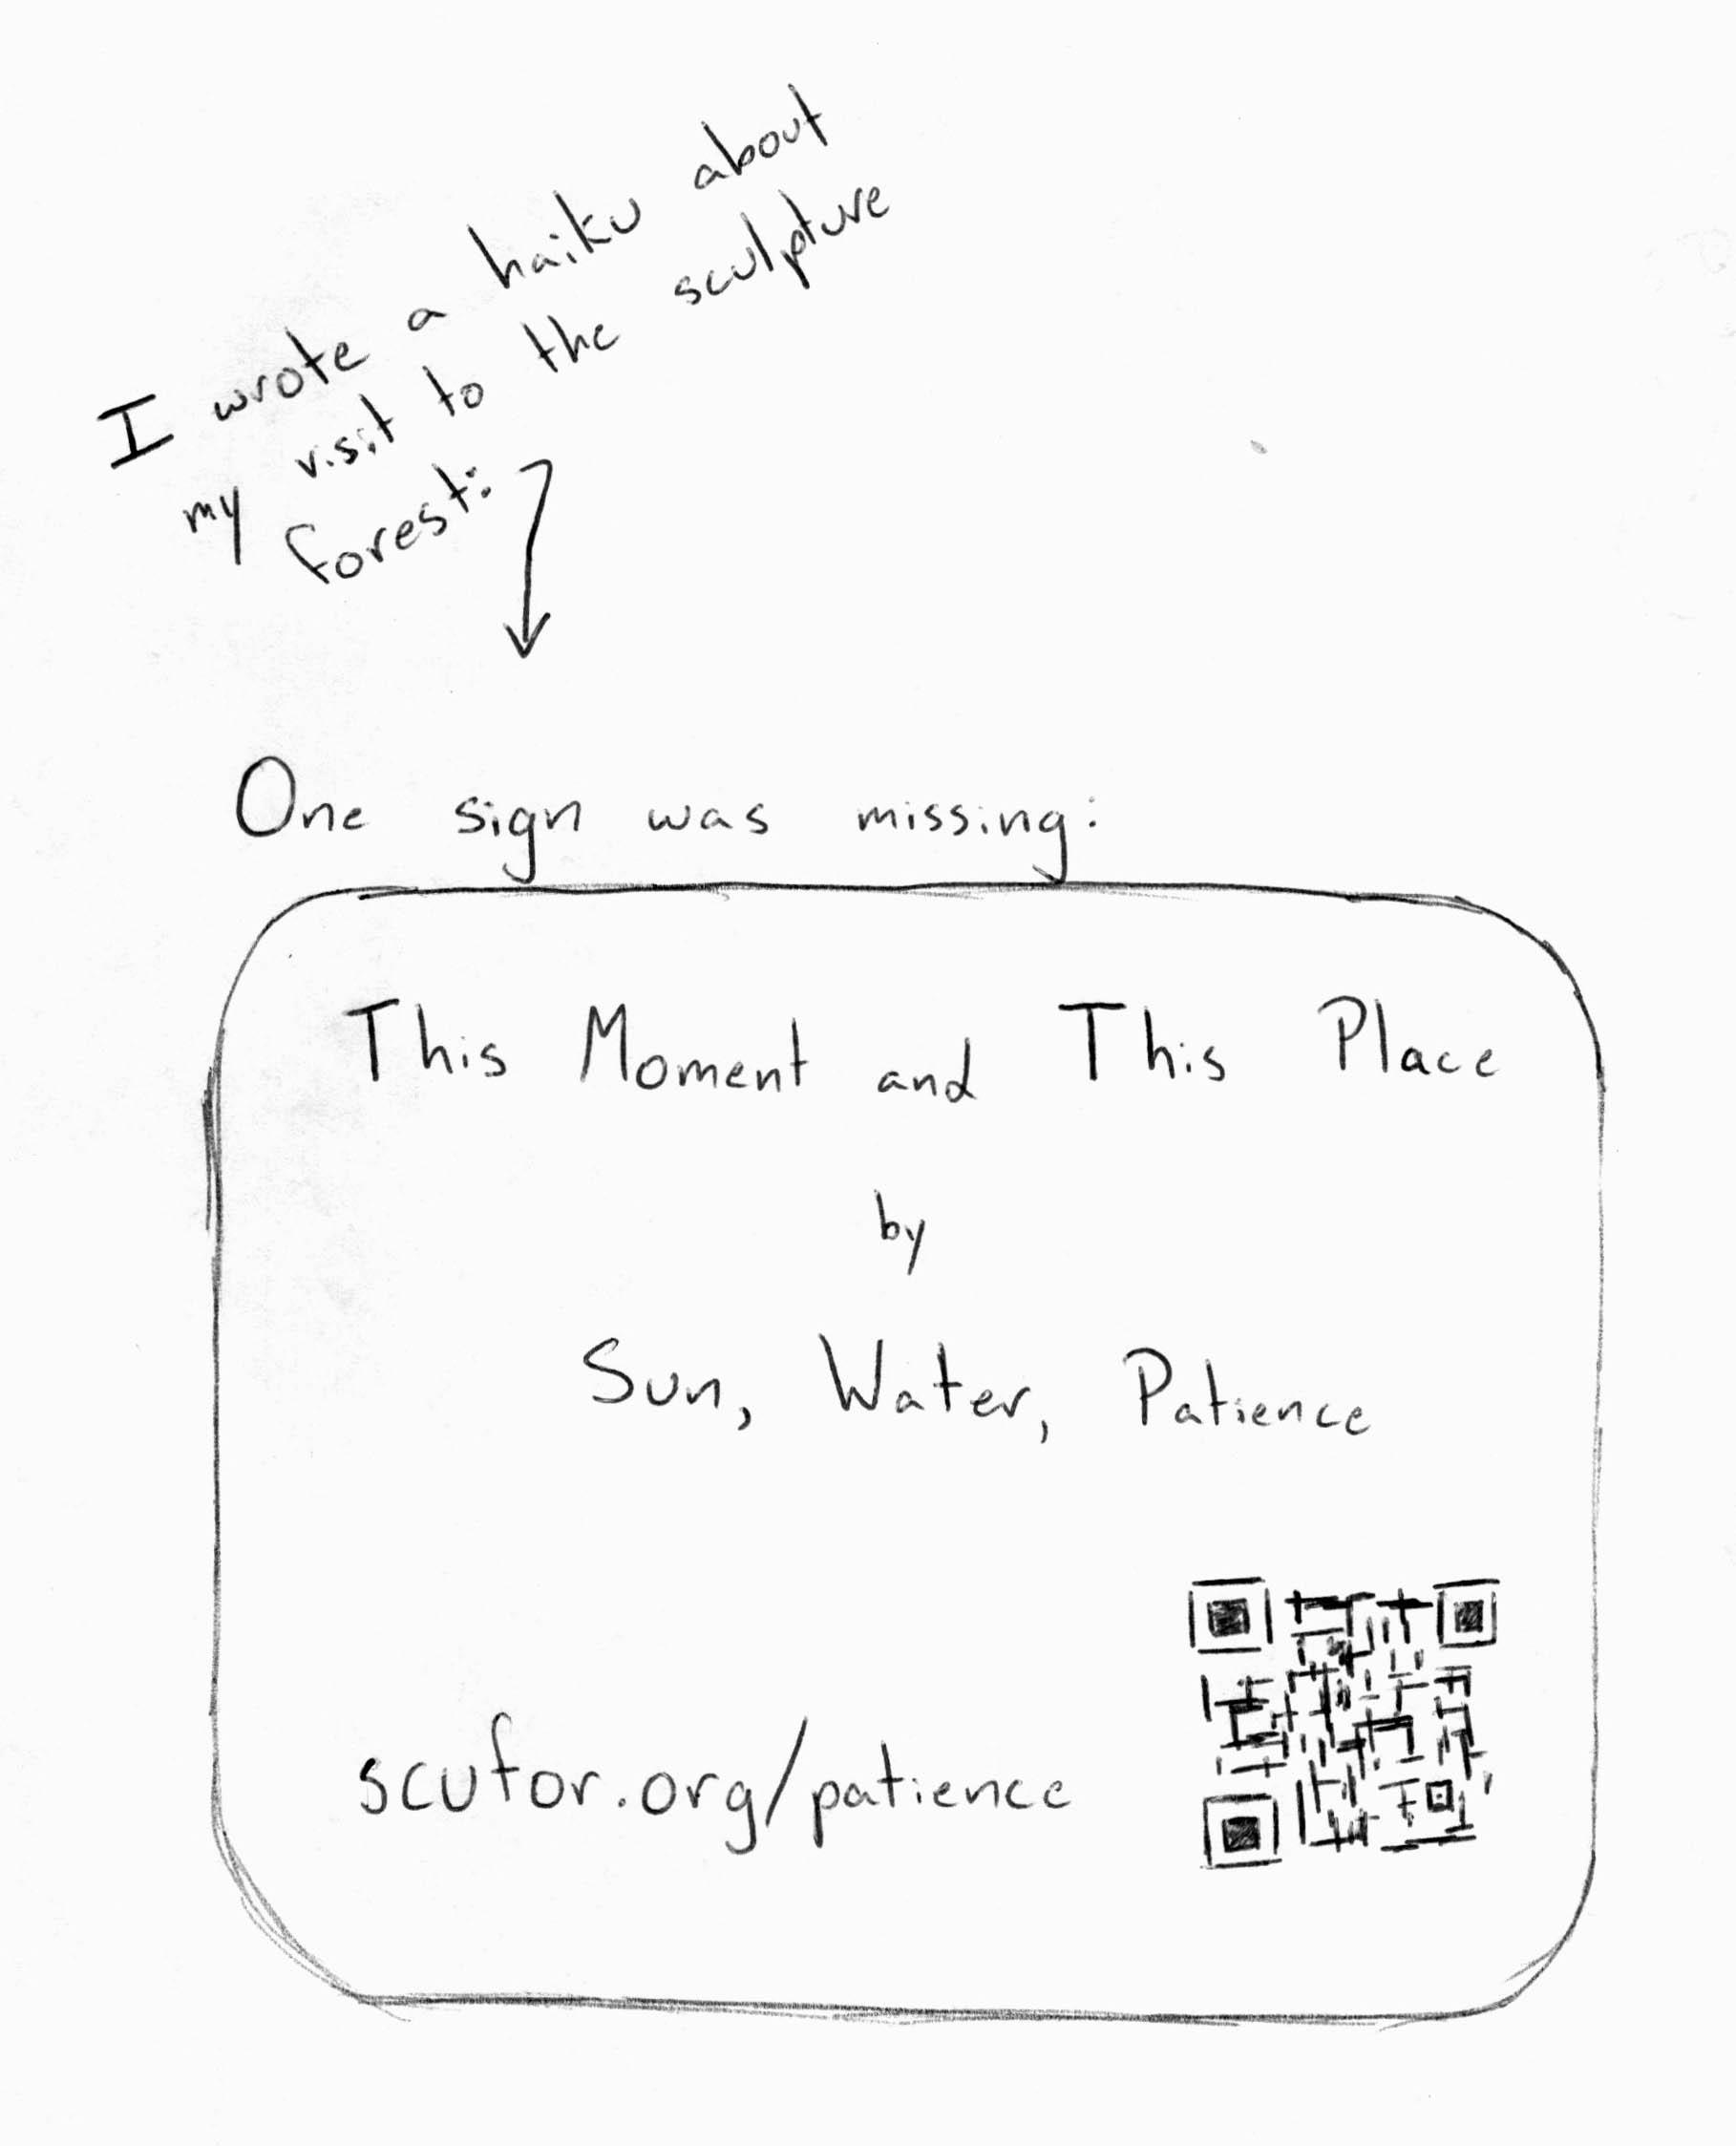 Missing sign haiku